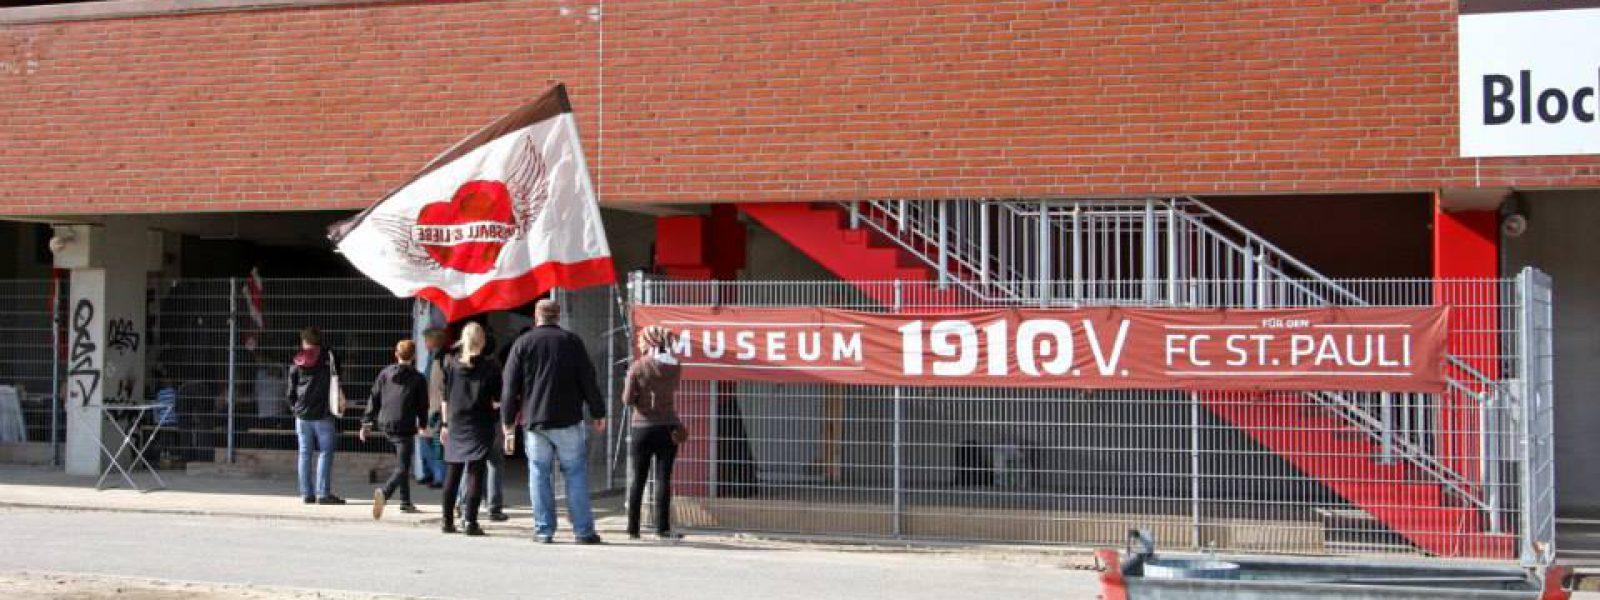 Fussball und Liebe Fahnenworkshop (Foto Antje Frohmüller)_1